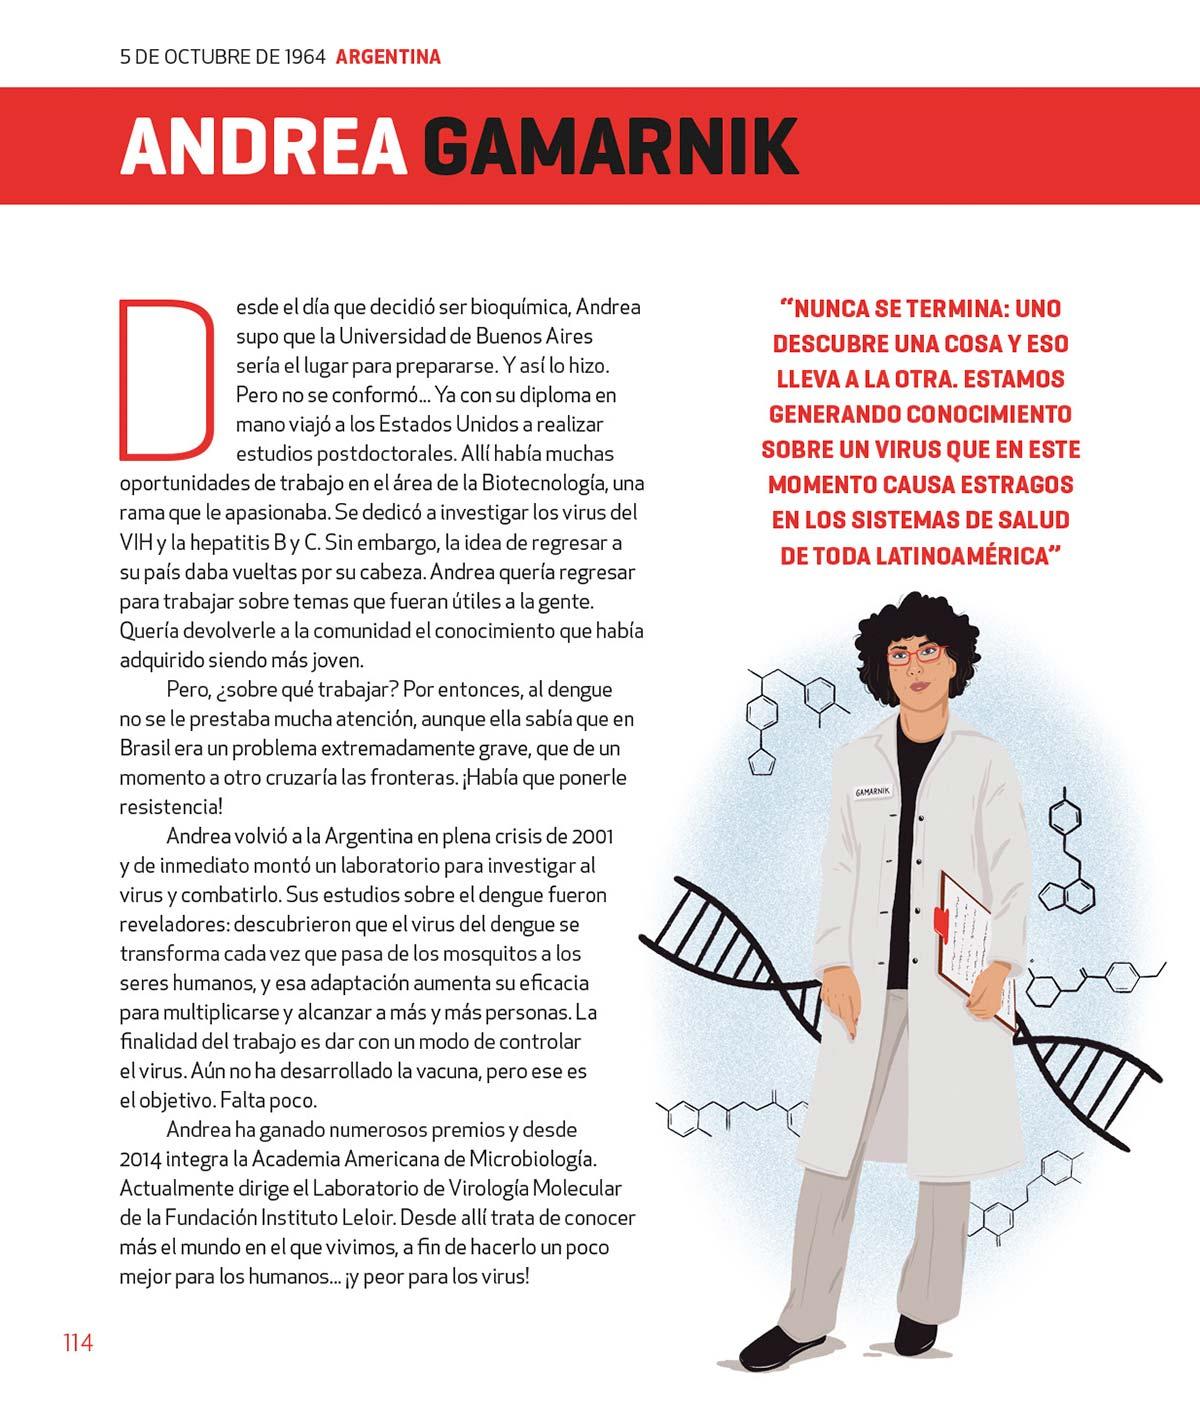 """En el libro """"100 Grandes Mujeres Latinoamericanas"""" de Billiken se describe la trayectoria de Andrea Gamarnik y sus estudios sobre el virus del dengue."""